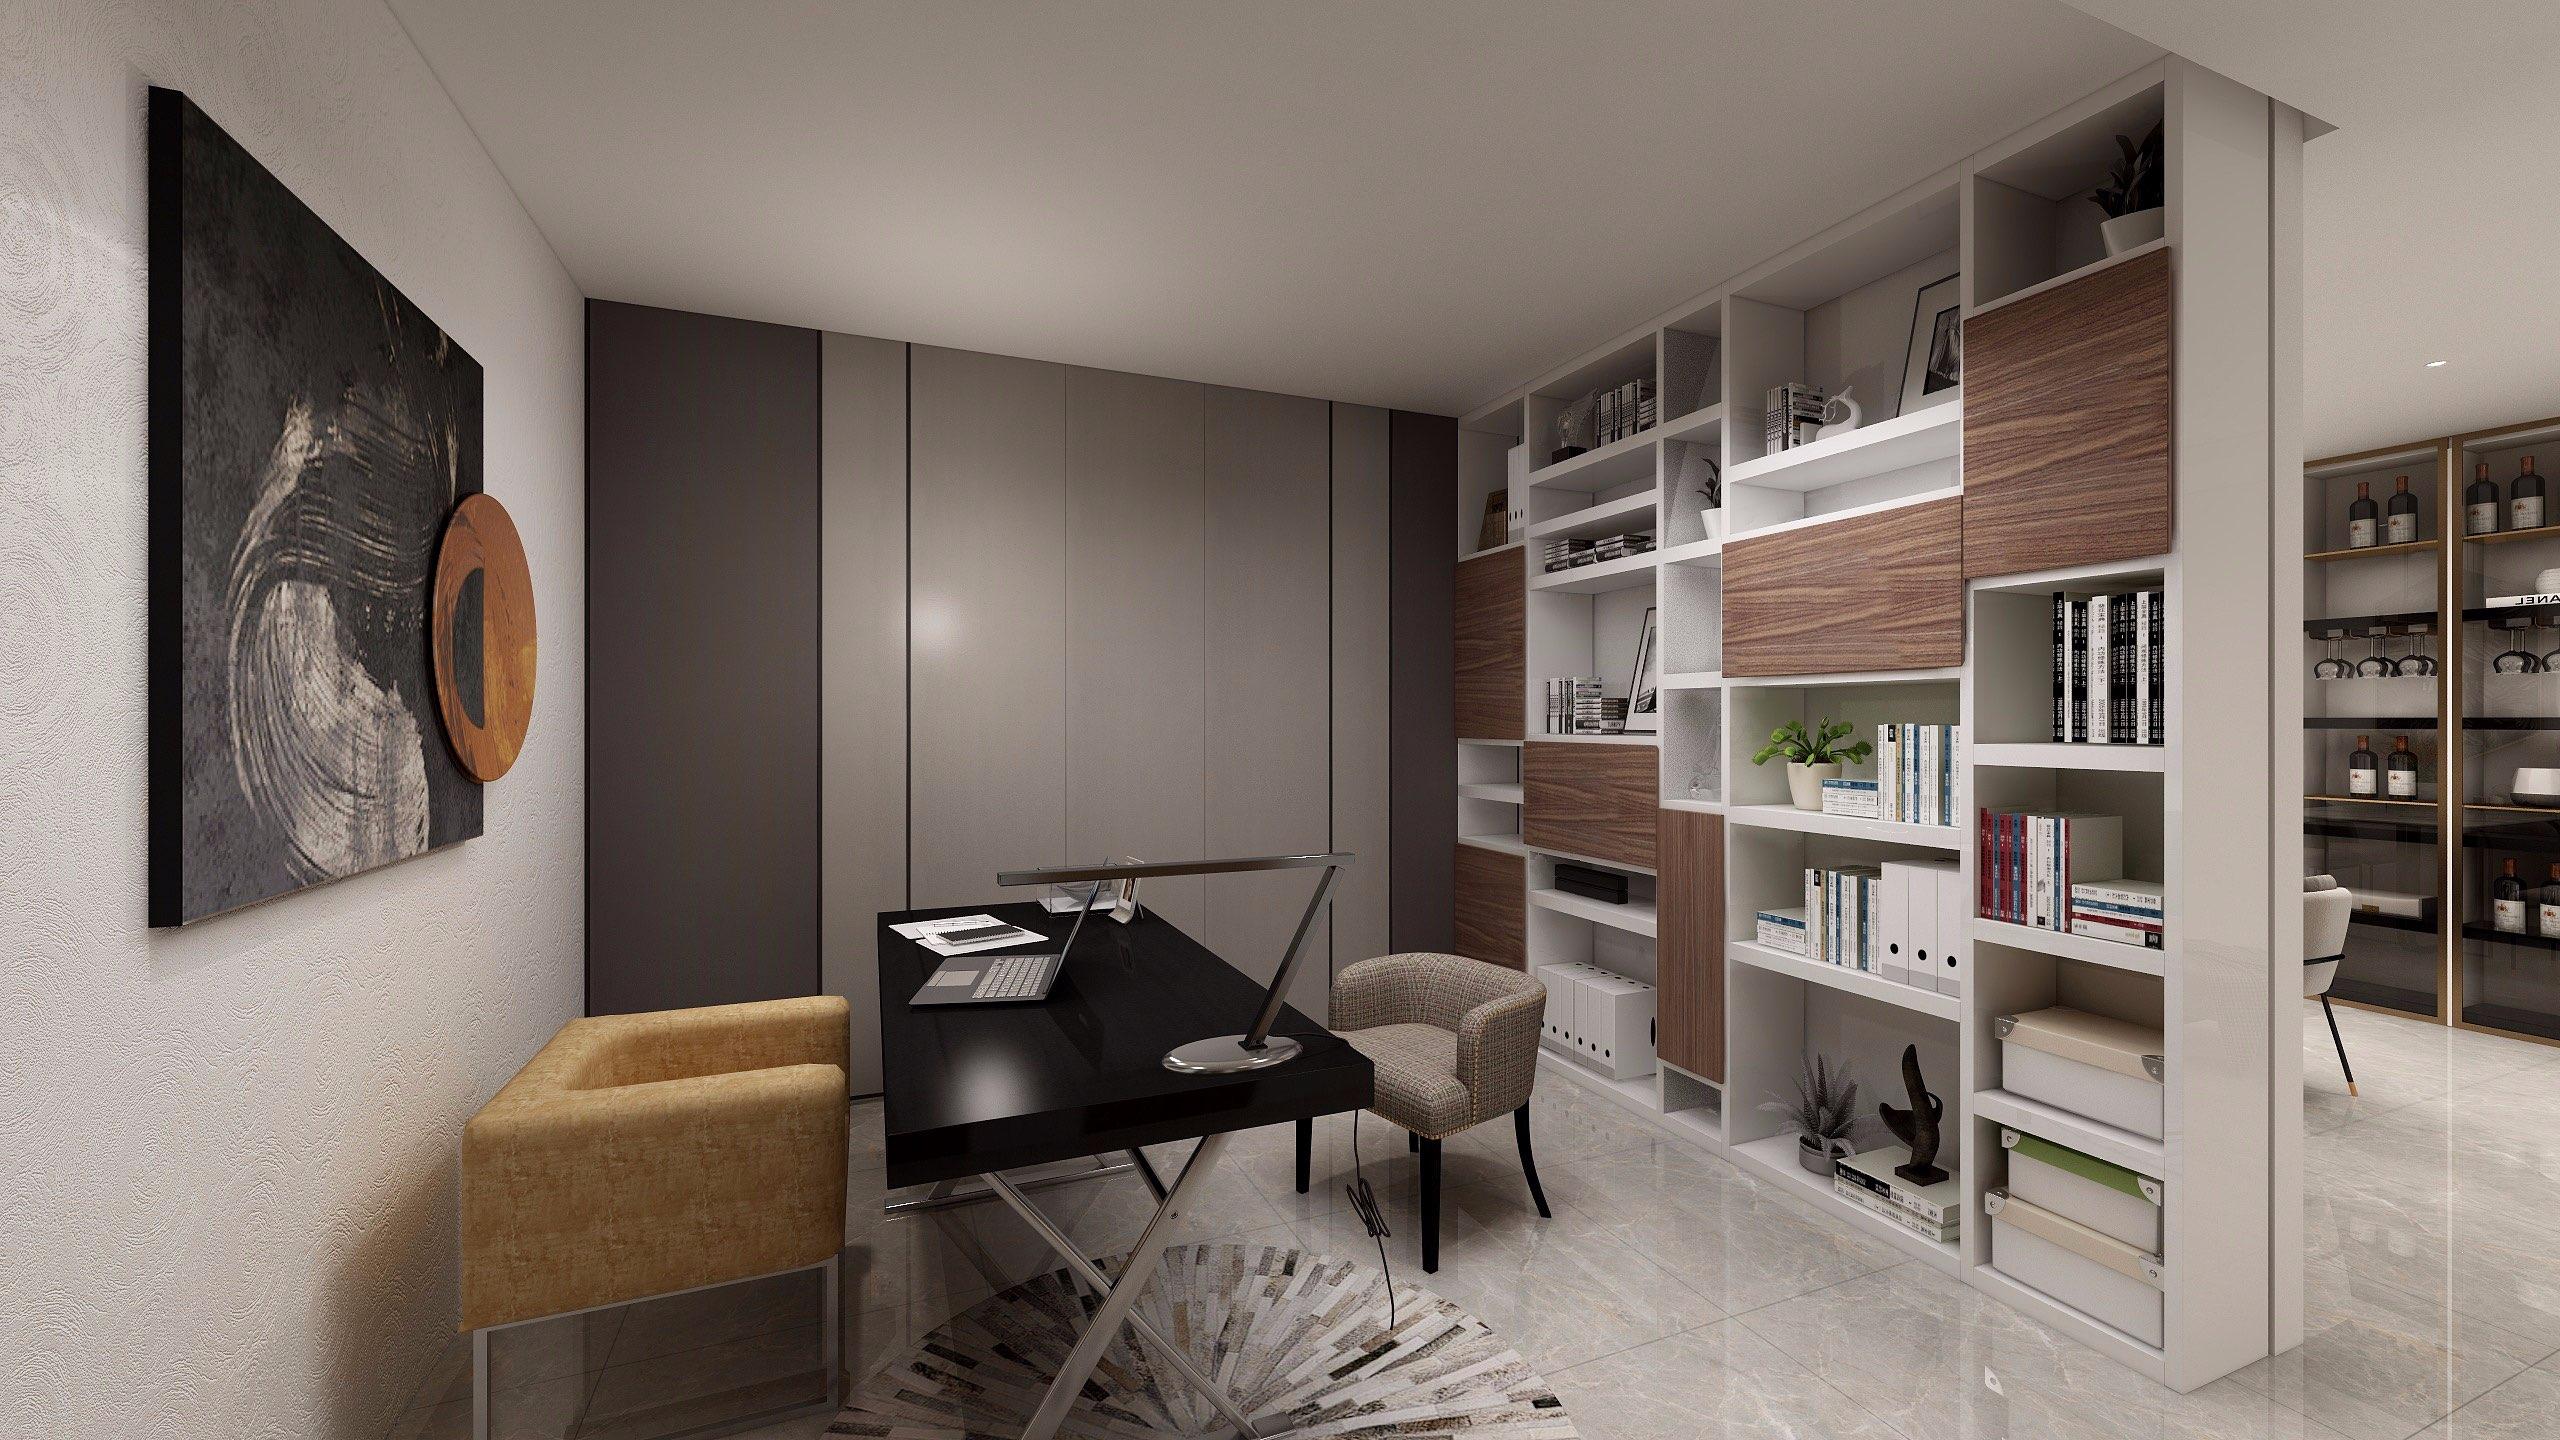 Khu làm việc được tách riêng với đầy đủ bàn ghế, giá sách kết hợp kệ trang trí làm vách ngăn giúp gia chủ thoải mái làm việc